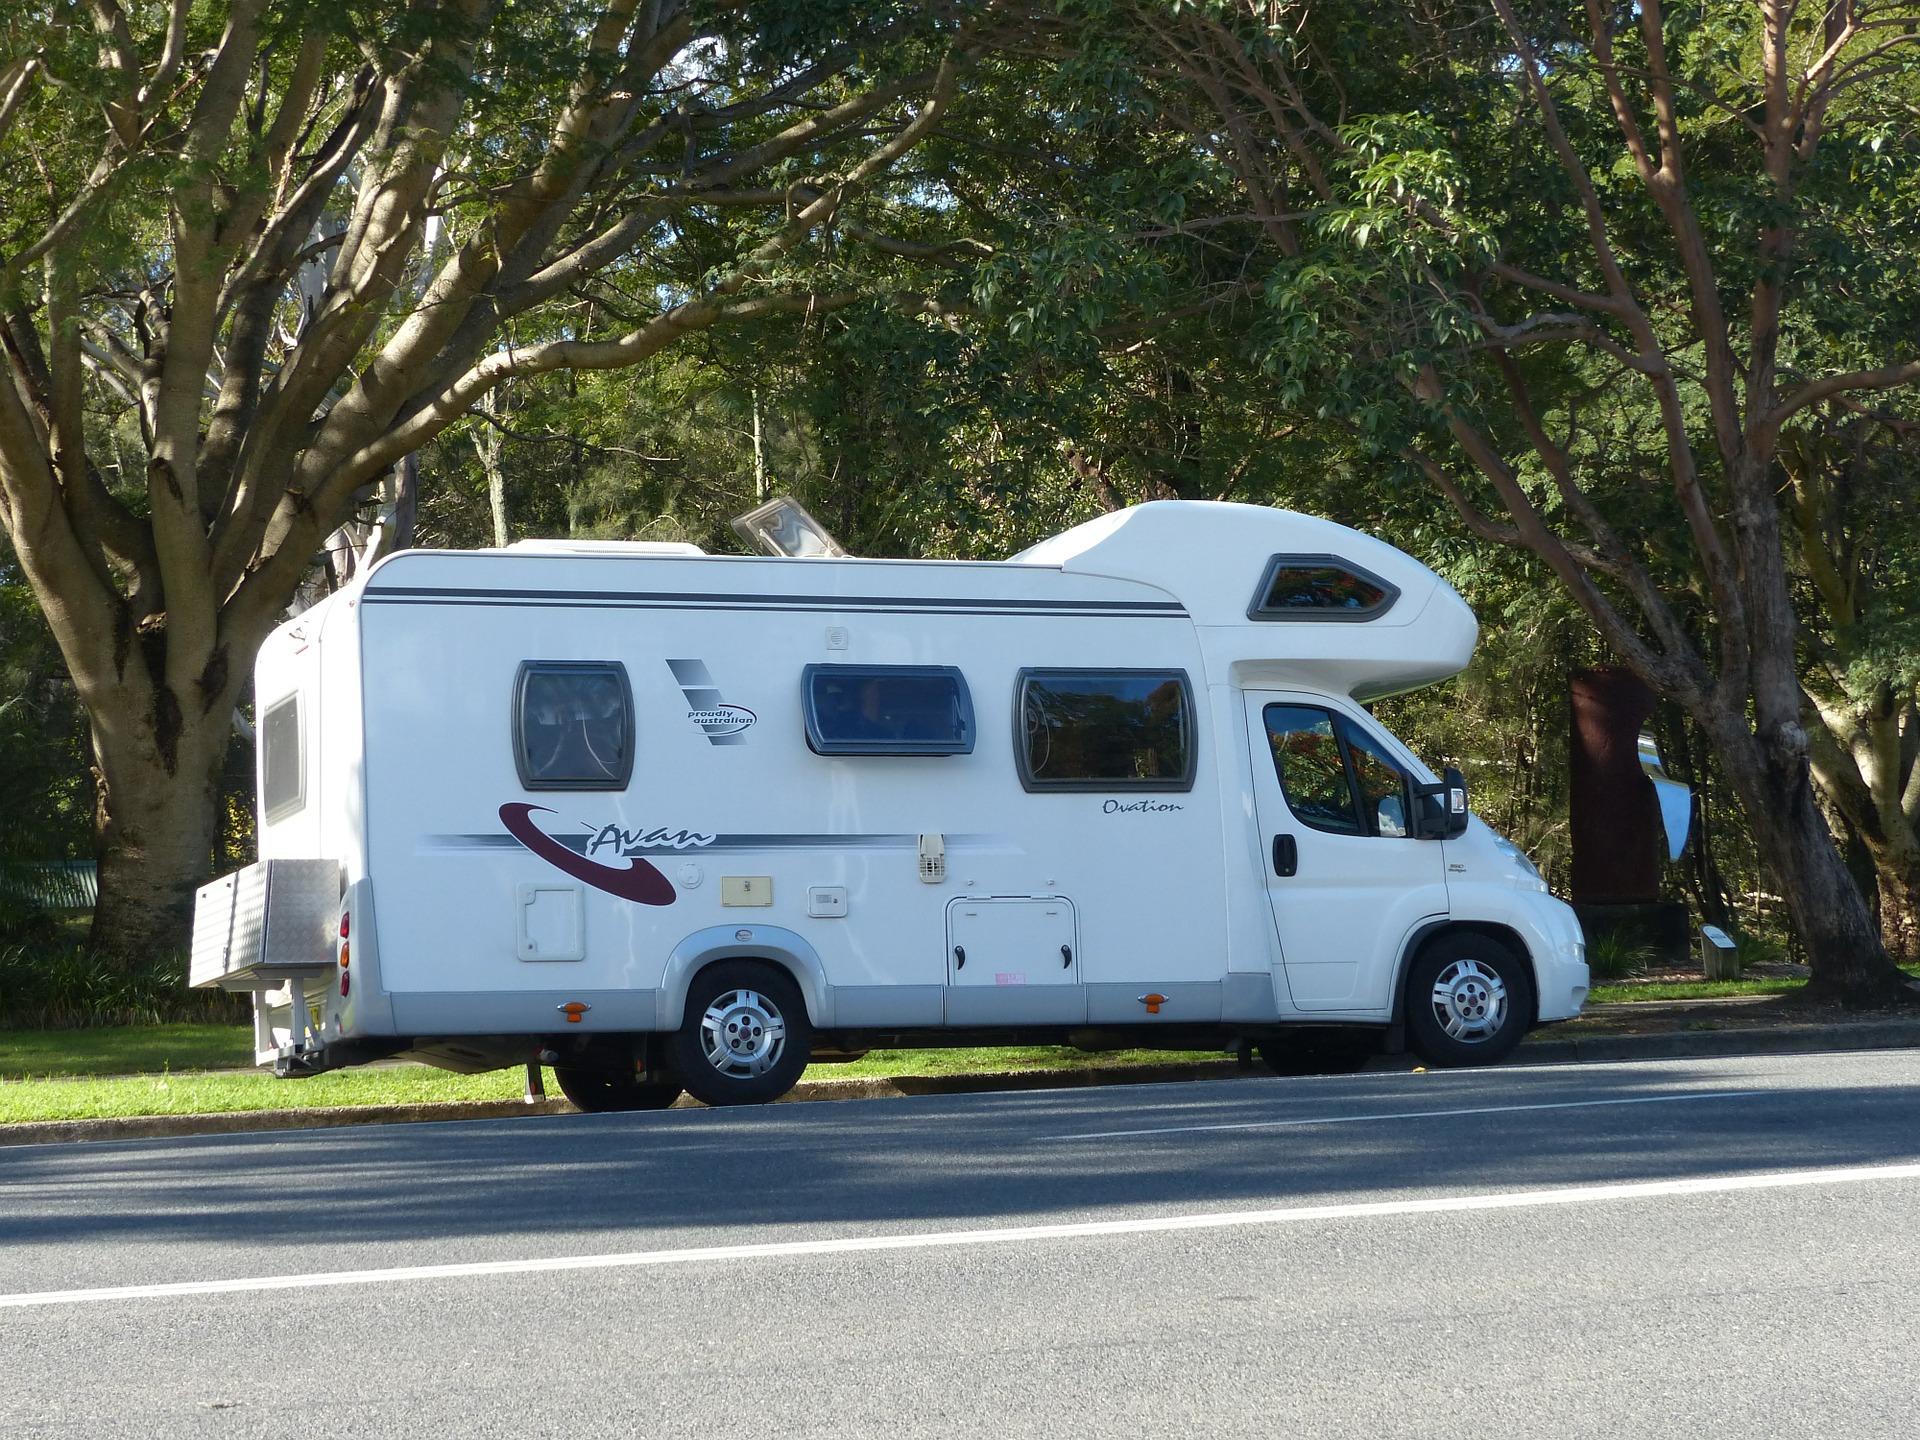 vente camping car cause deces